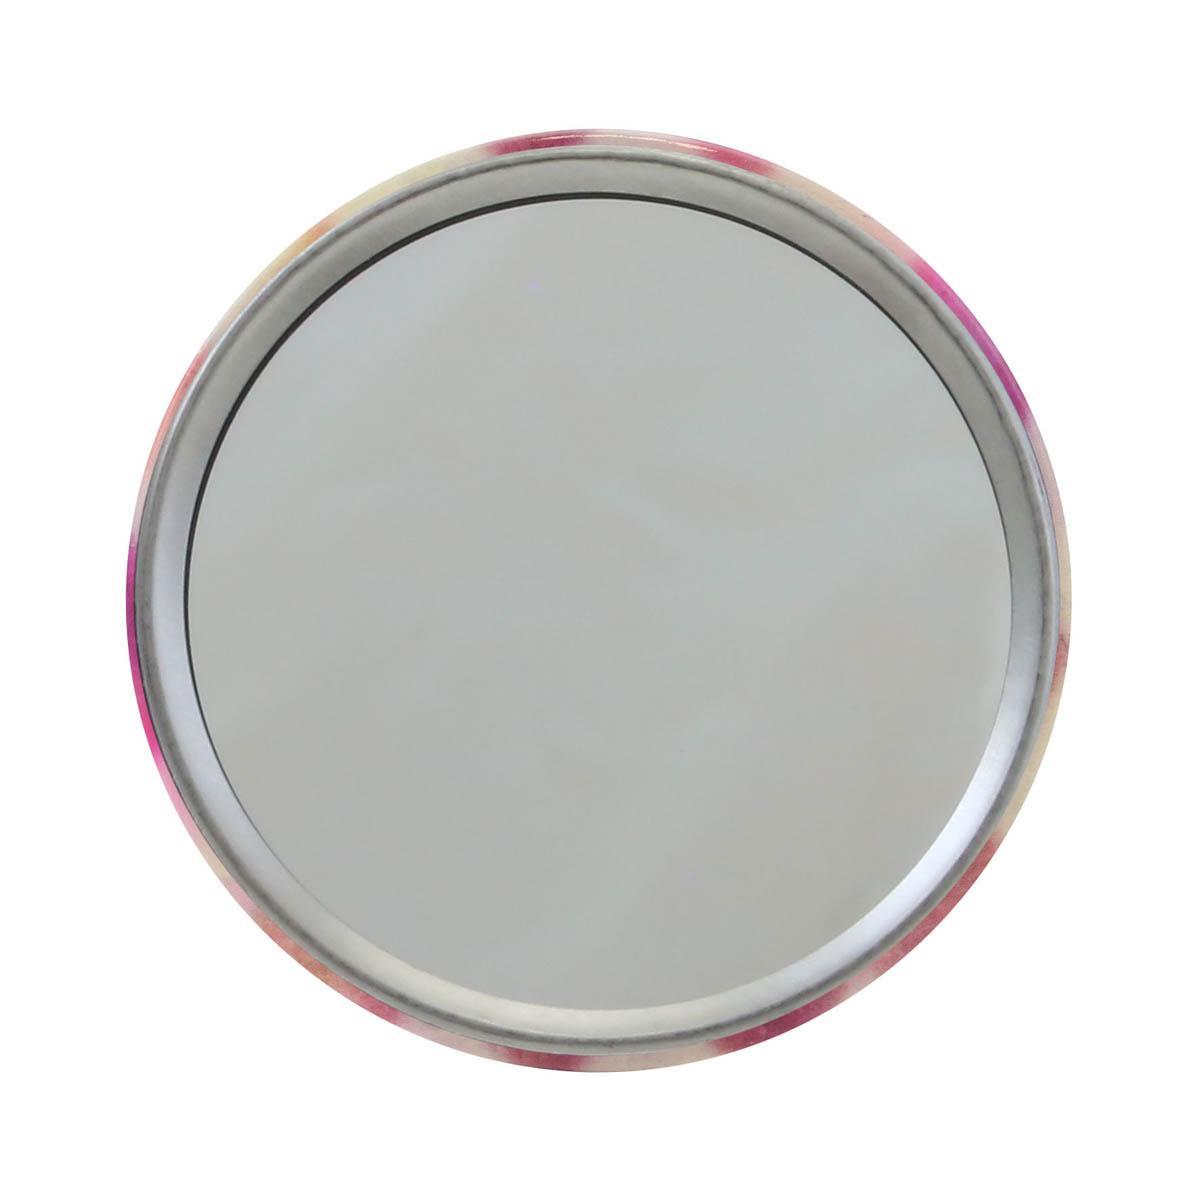 Džepno ogledalo GORJUSS CIRCUS Moon Buttons